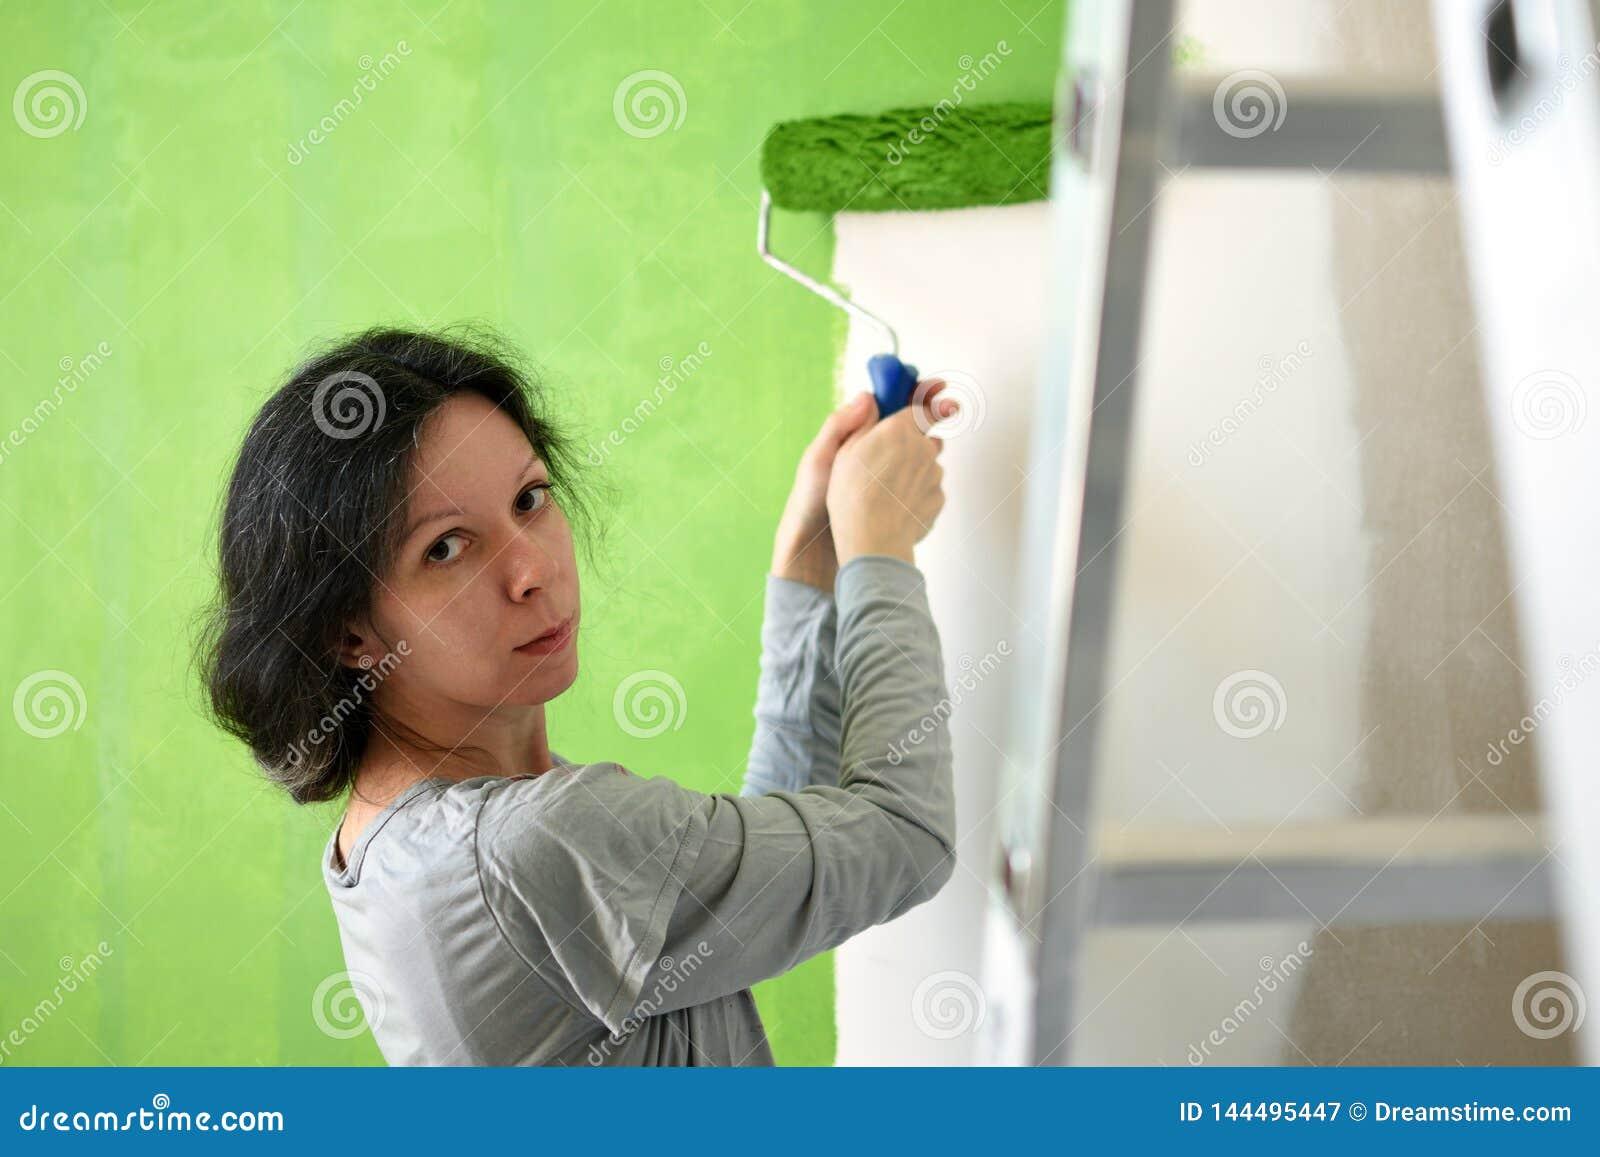 Mur intérieur de joli de jeune femme vert de peinture avec le rouleau dans une nouvelle maison